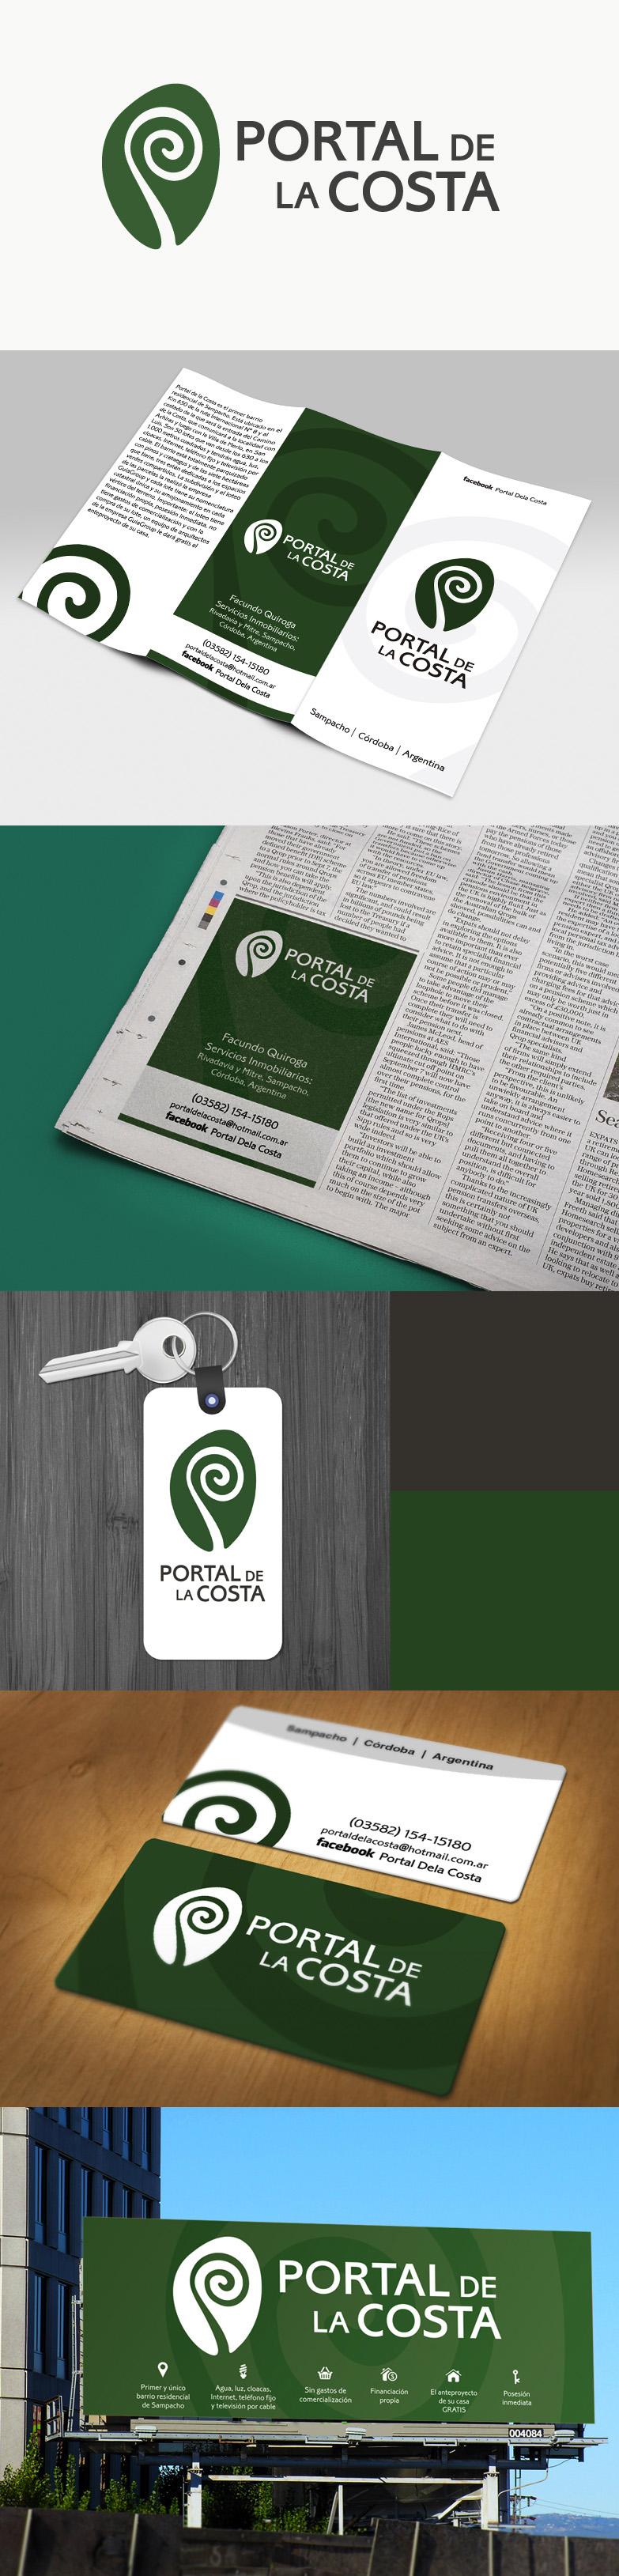 Desarrollo realizado para Portal de la Costa. Emprendimiento inmobiliario. Identidad corporativa. Papelería comercial. Aplicaciones específicas.